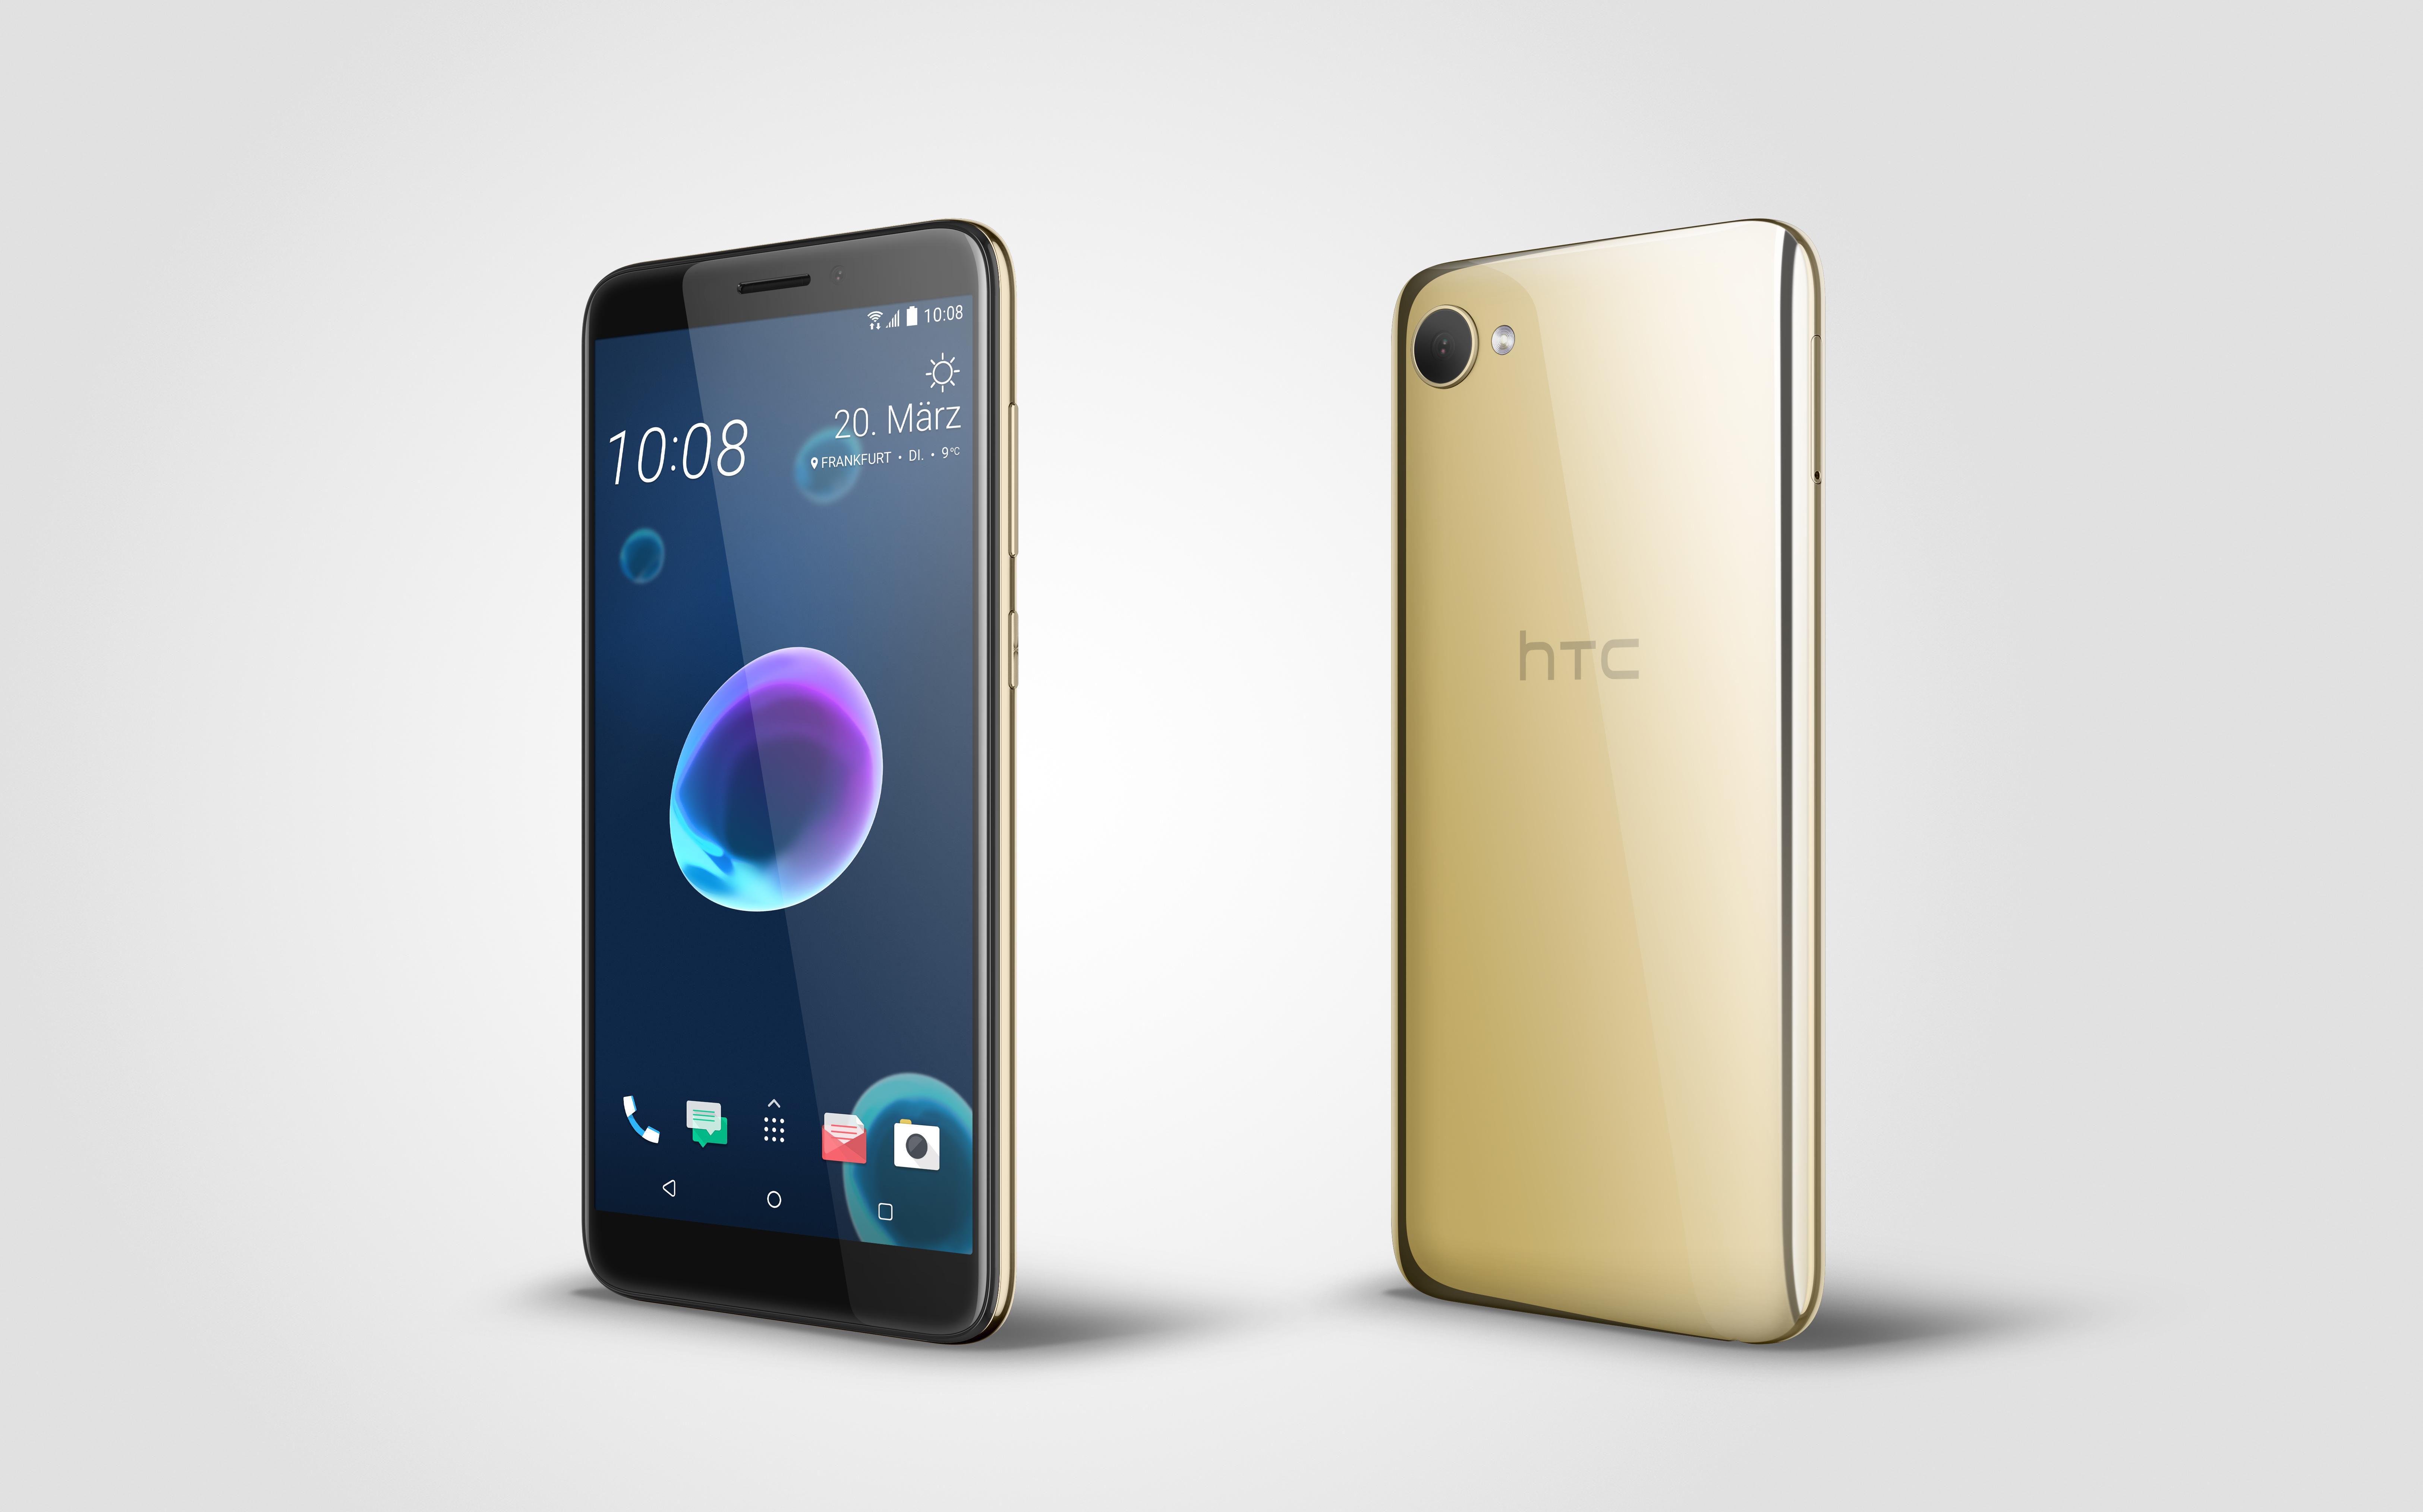 2c98a128175c6 Die Oberfläche der Rückseite des HTC Desire 12 ist schnell voller  Fingerabdrücke. full resolution